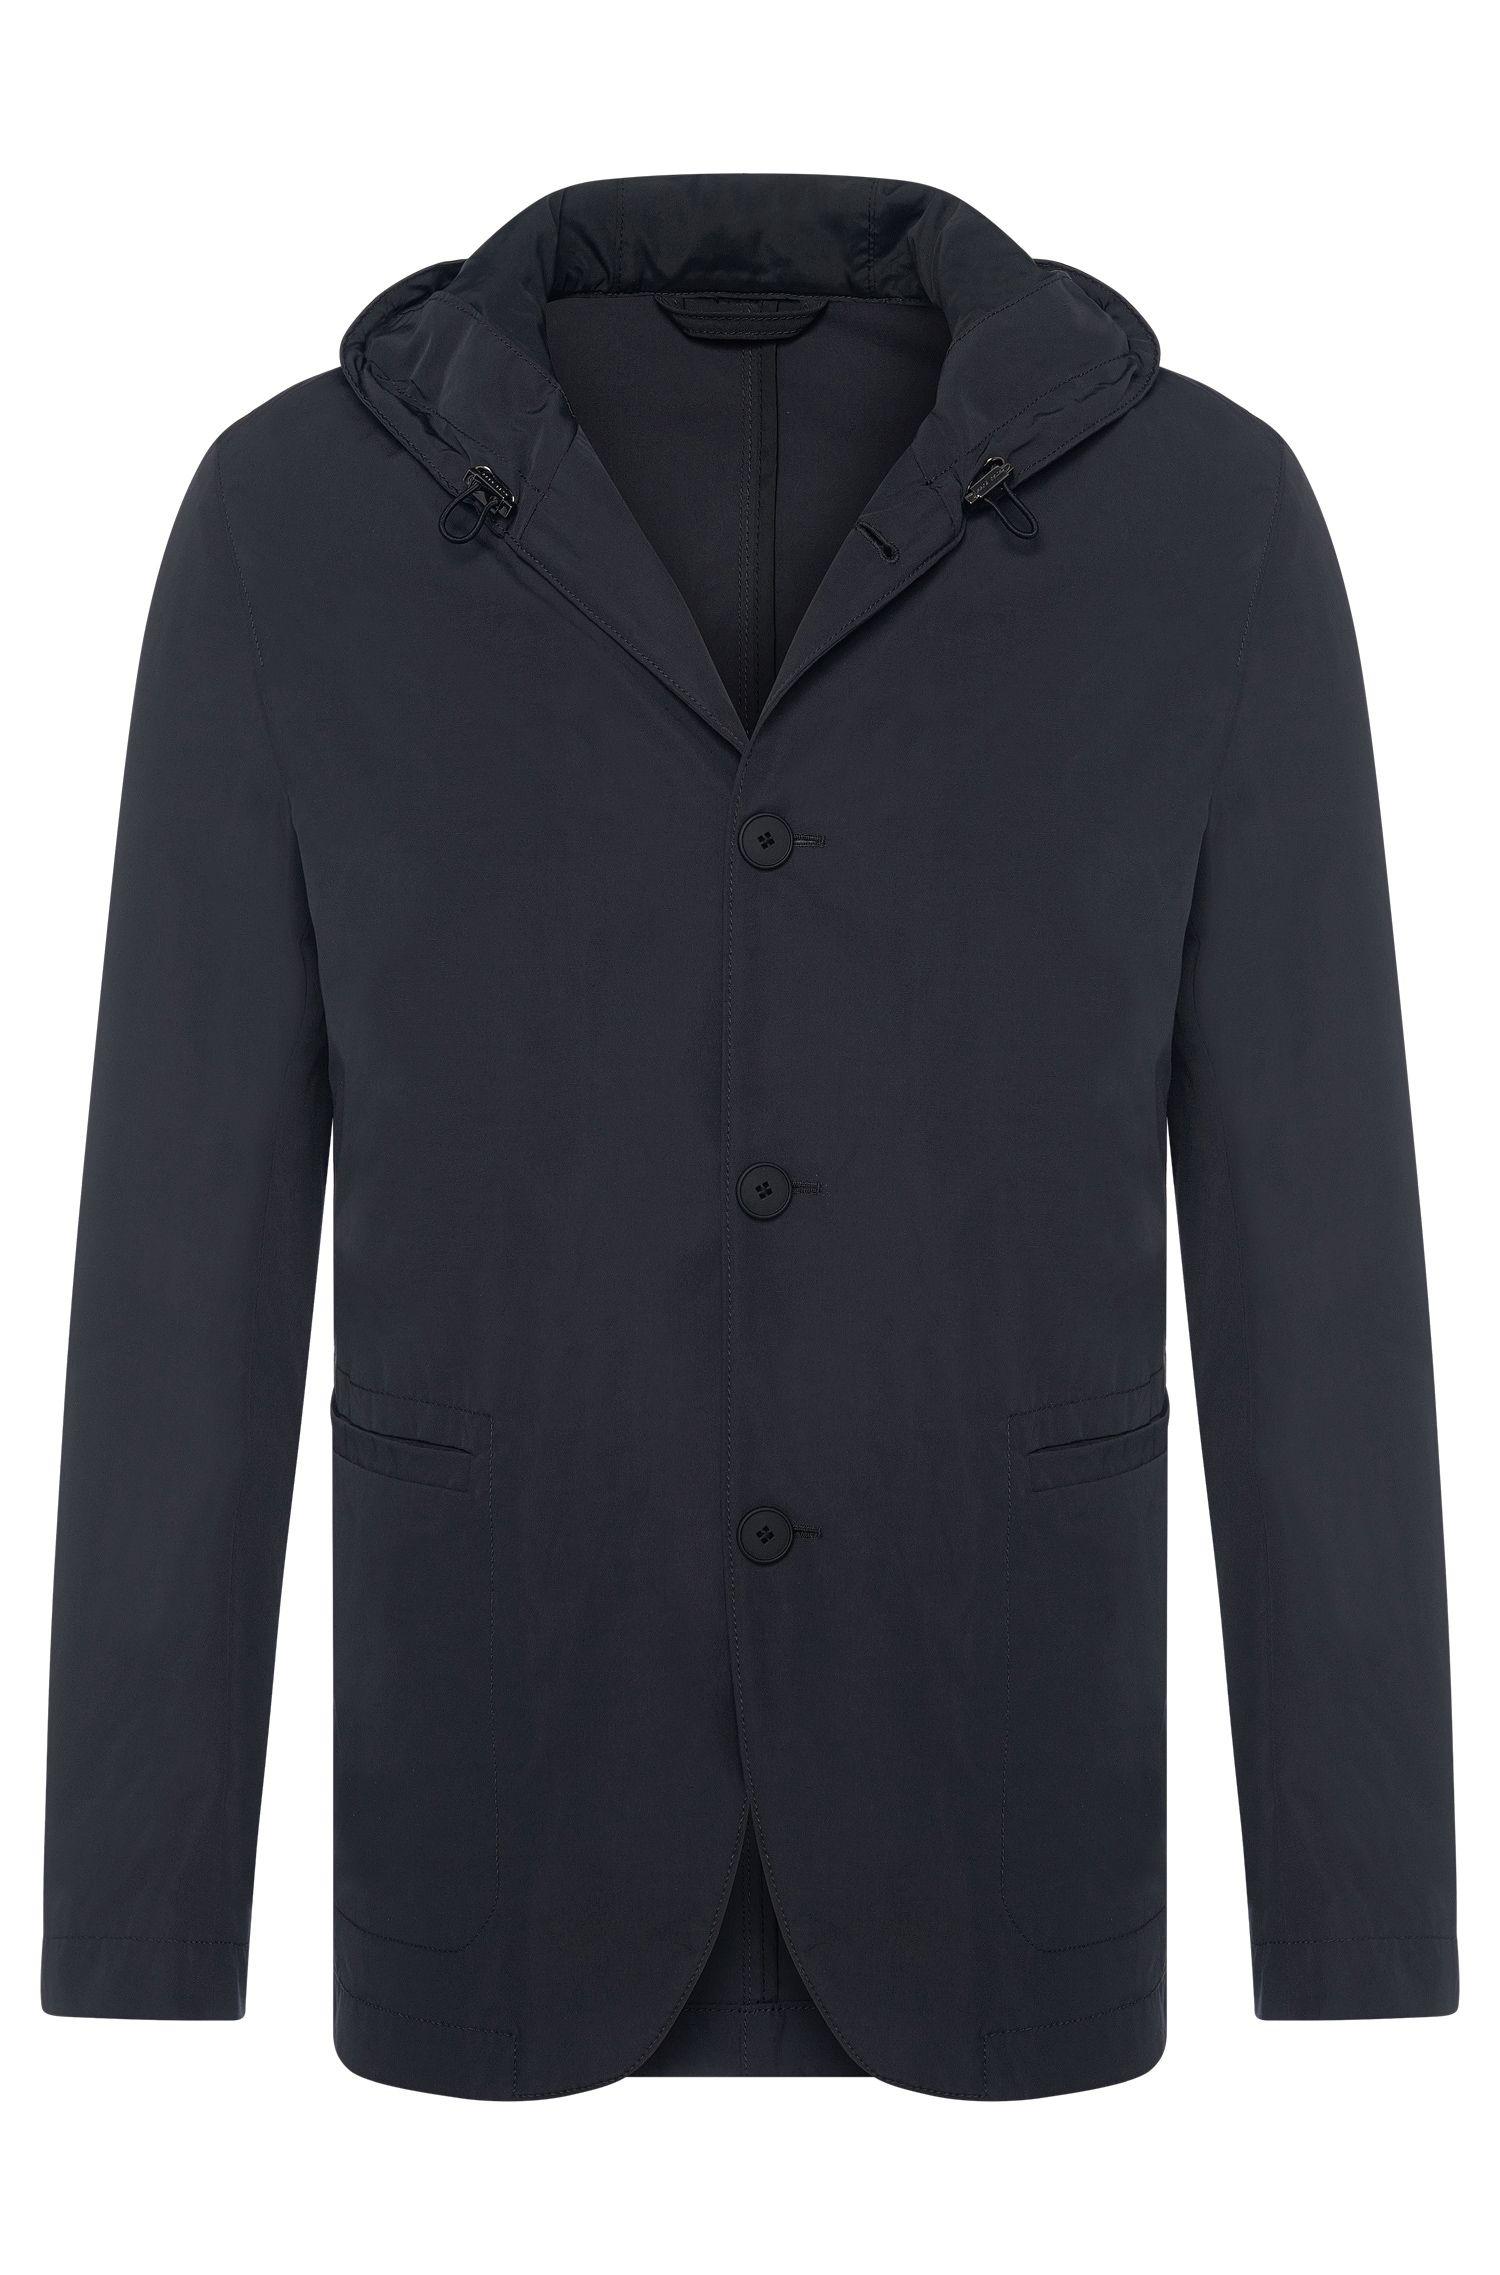 Cotton Blend Hooded Jacket | Josse W